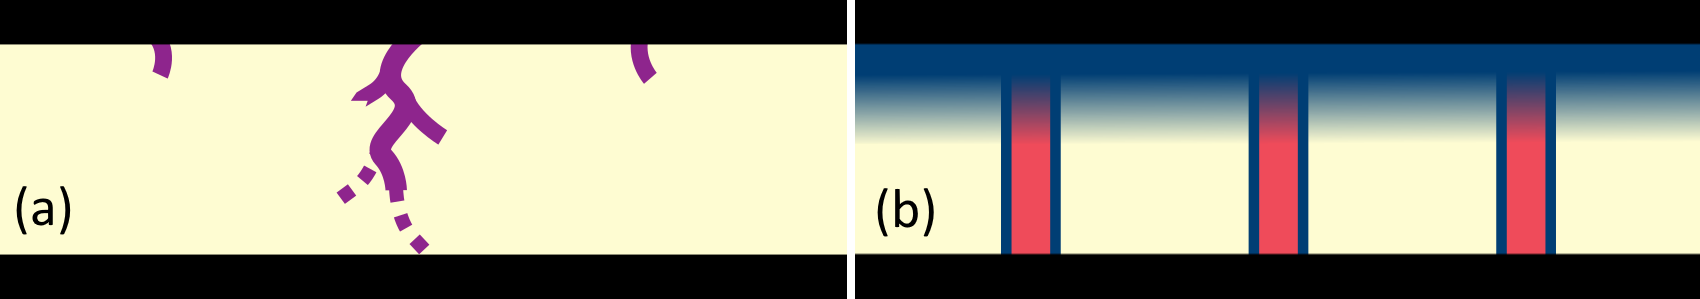 Schematics for non-volatile memory